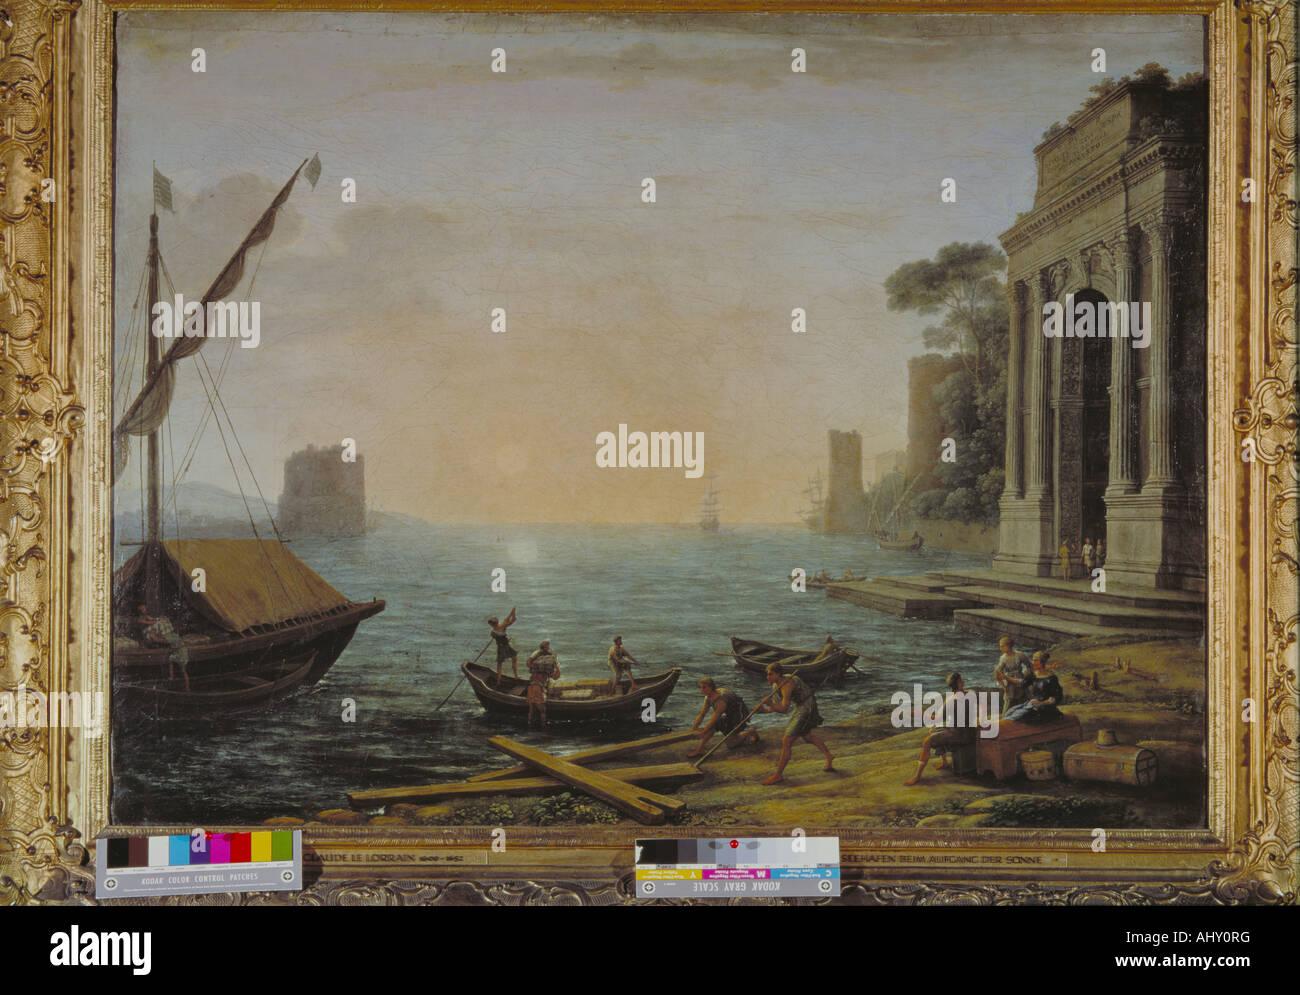 """""""Belle Arti, Lorrain Claude, (1600 - 1682), la pittura """"porto ea a sunrise"""", 1674, olio su tela, 72 x 96 cm, Vecchia Foto Stock"""